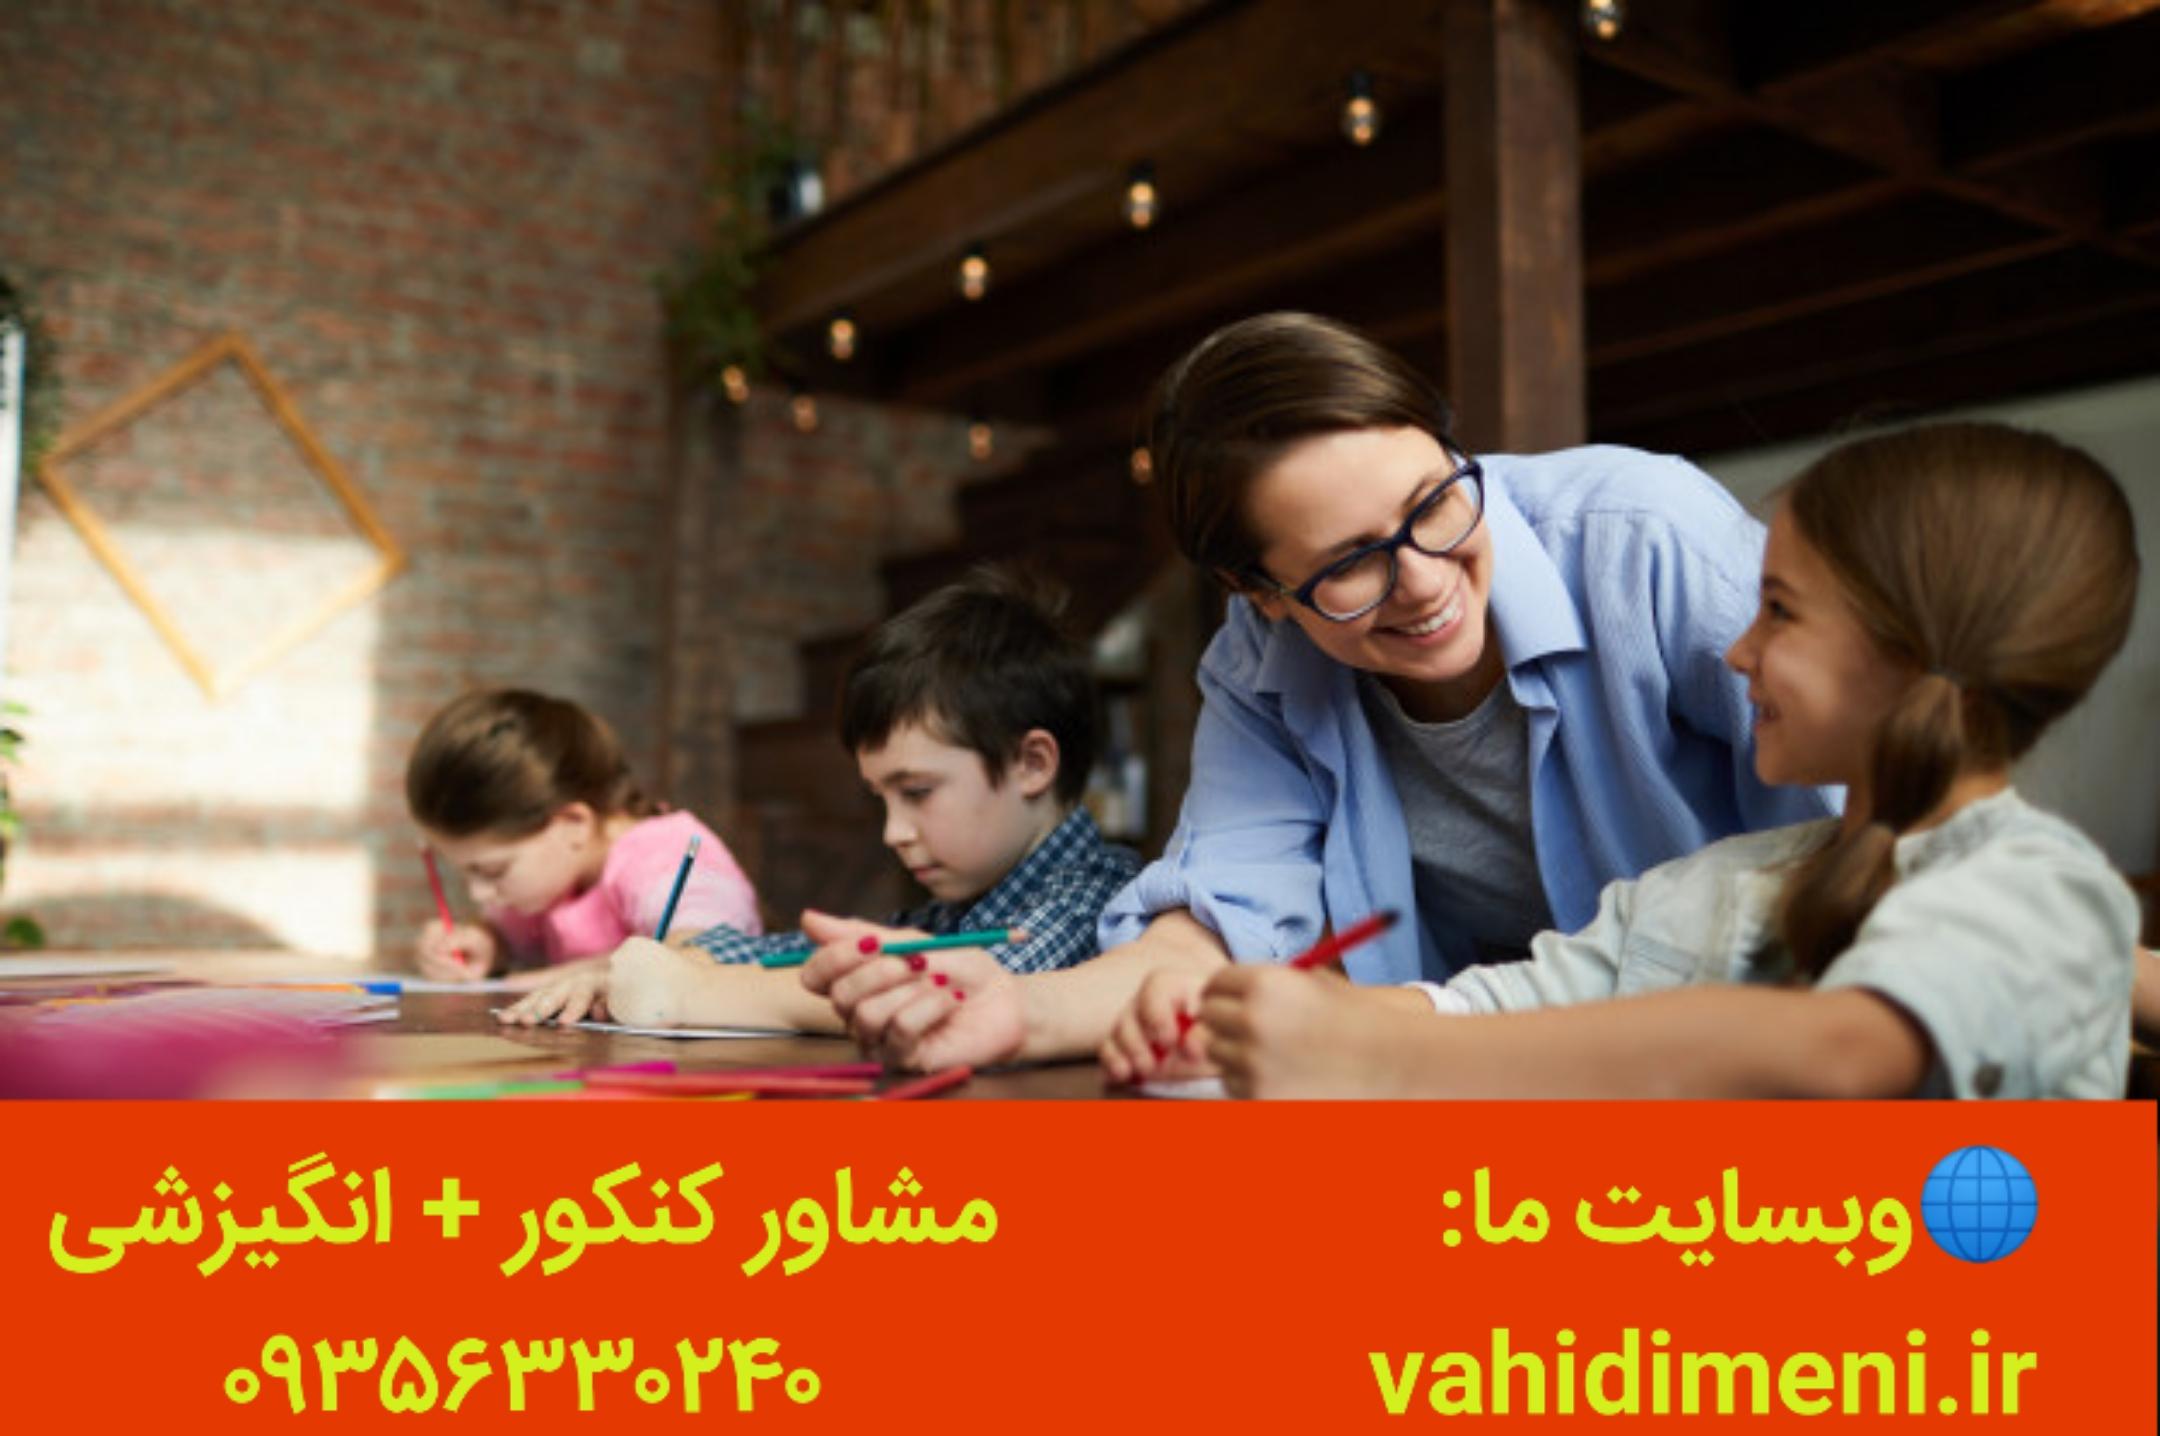 قبولی آموزش ابتدایی فرهنگیان کارنامه رتبه